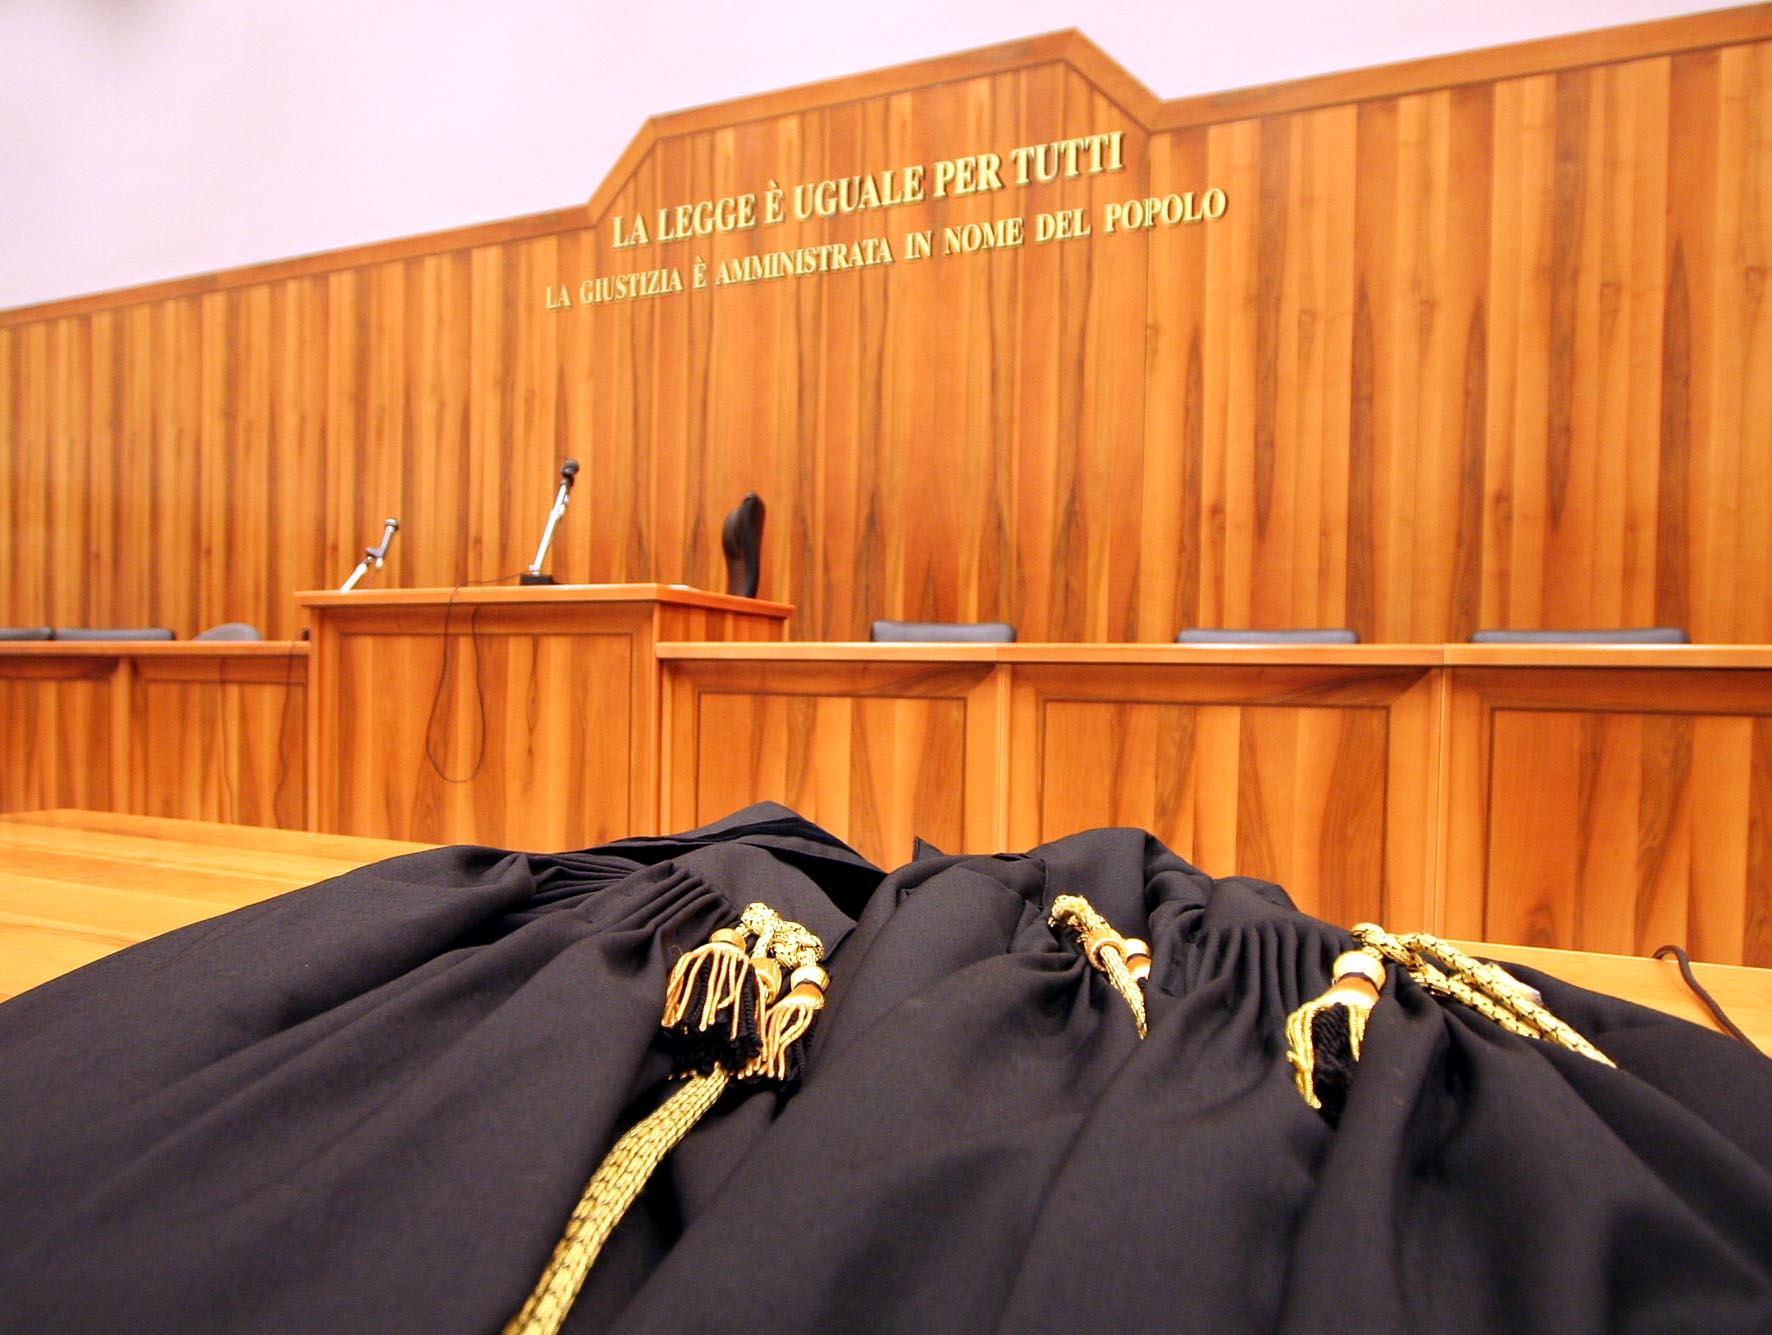 Guardia giurata di Cerveteri prosciolto da reato tentato omicidio - TerzoBinario.it